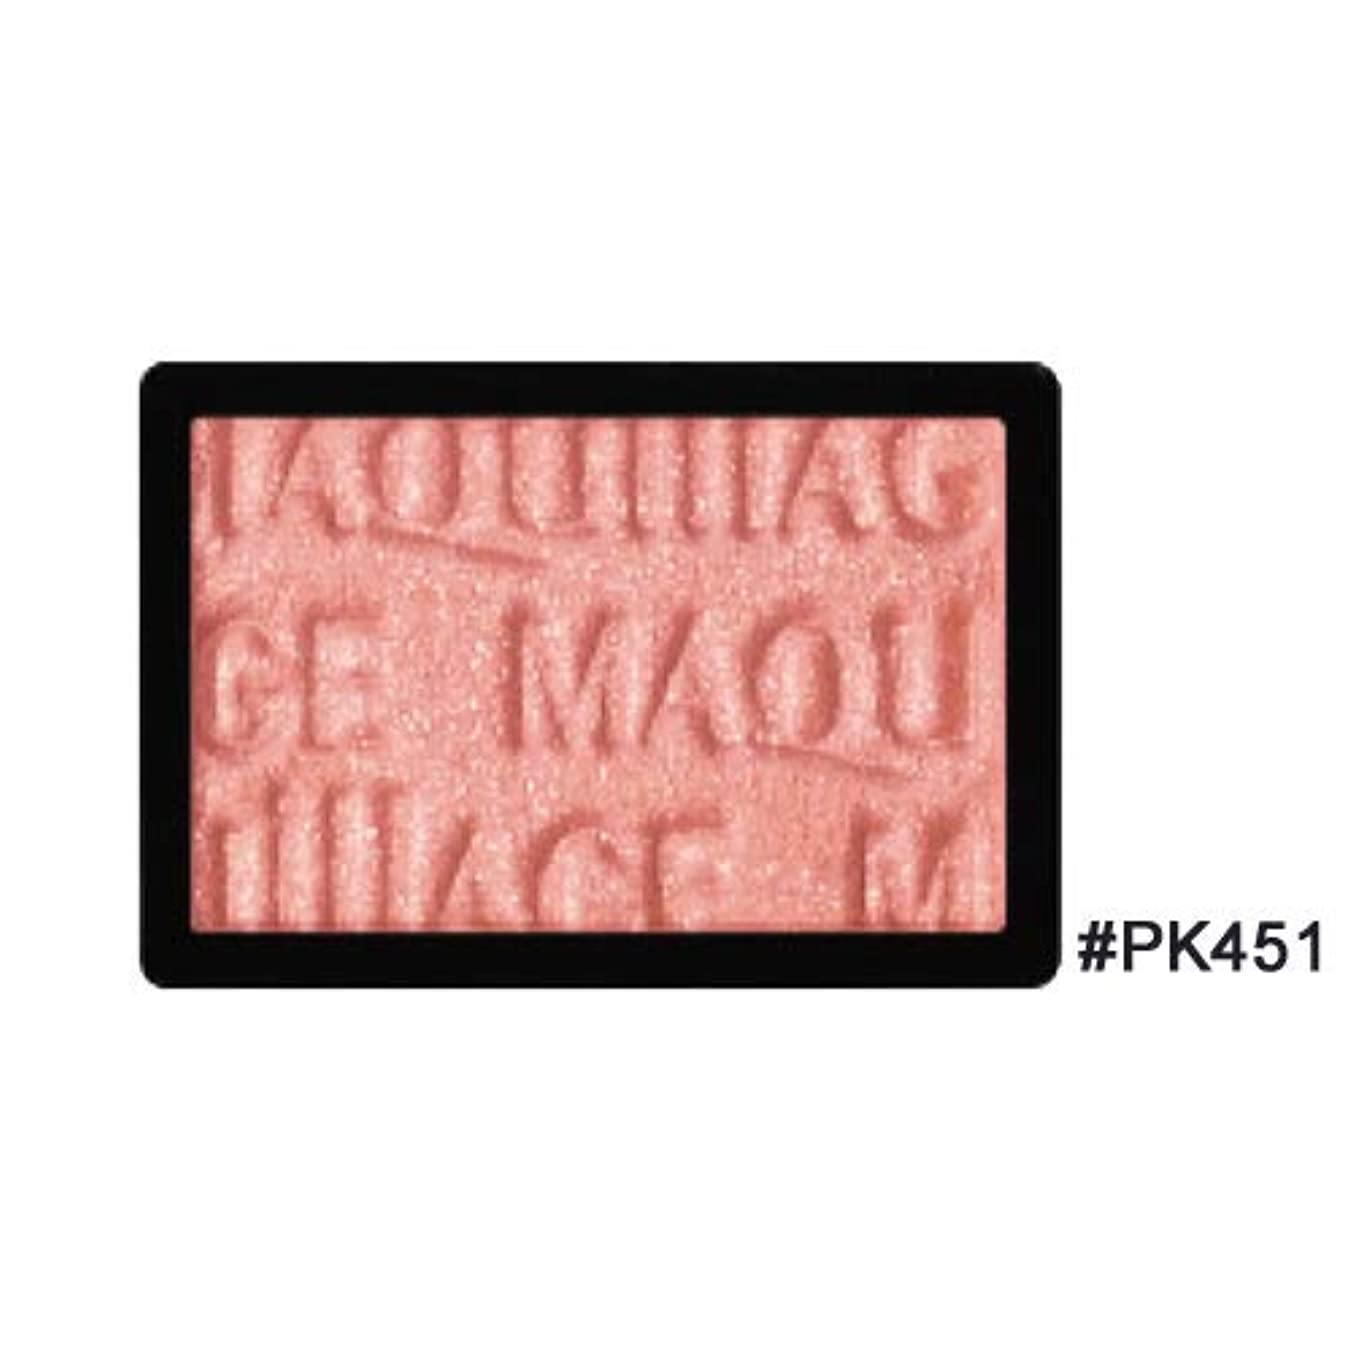 魔女ブラケットシャーロックホームズ資生堂 SHISEIDO マキアージュ アイカラー N (パウダー) レフィル #PK451 [並行輸入品]